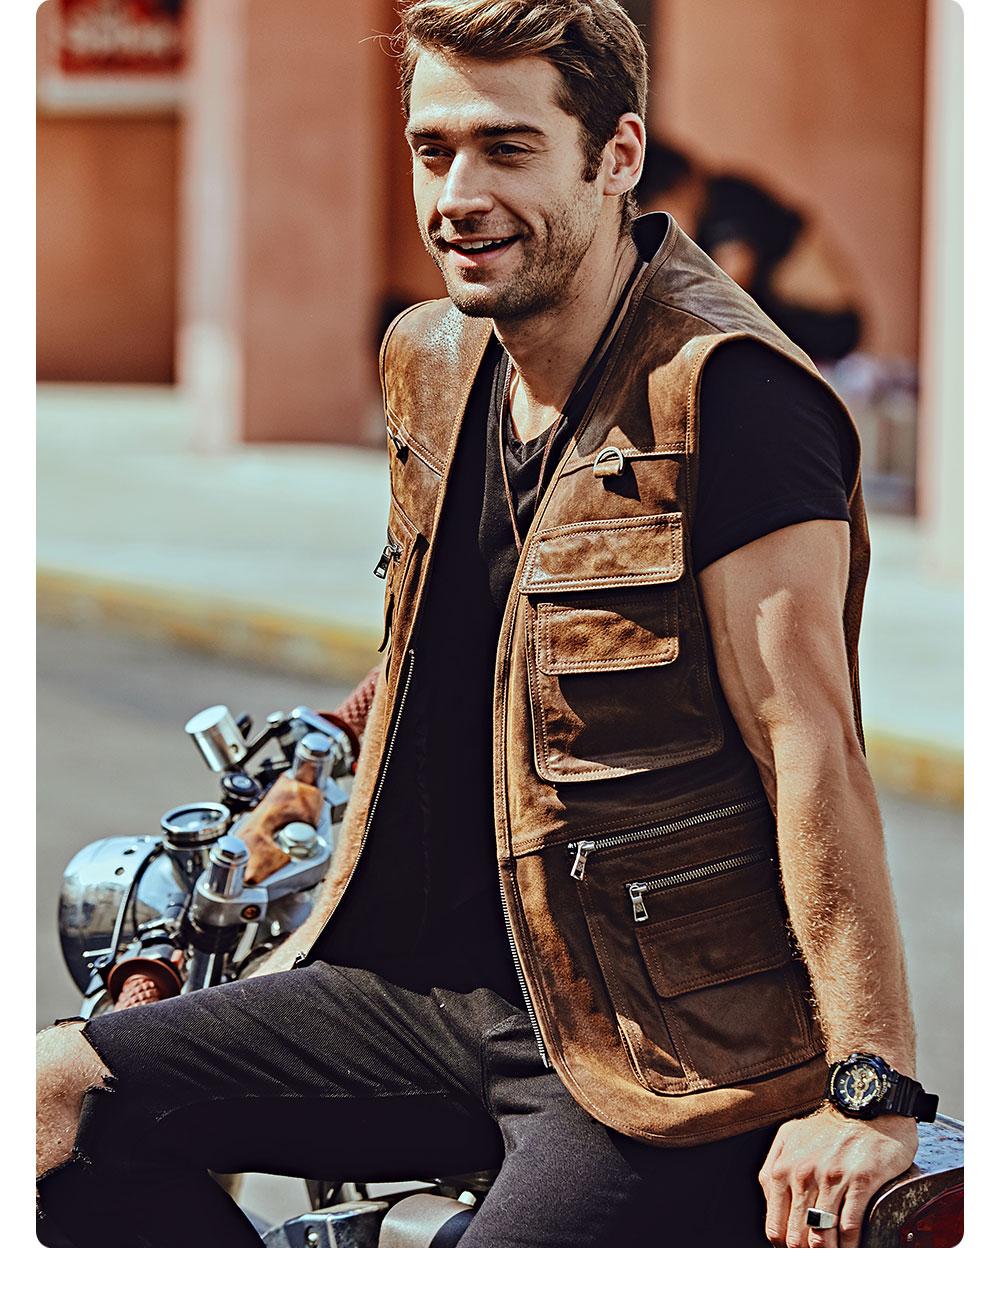 Hb23563582df74b168be034c57c87a5afy FLAVOR New Men's Real Leather Vest Men's Motorcycle Fishing Outdoor Travel Vests